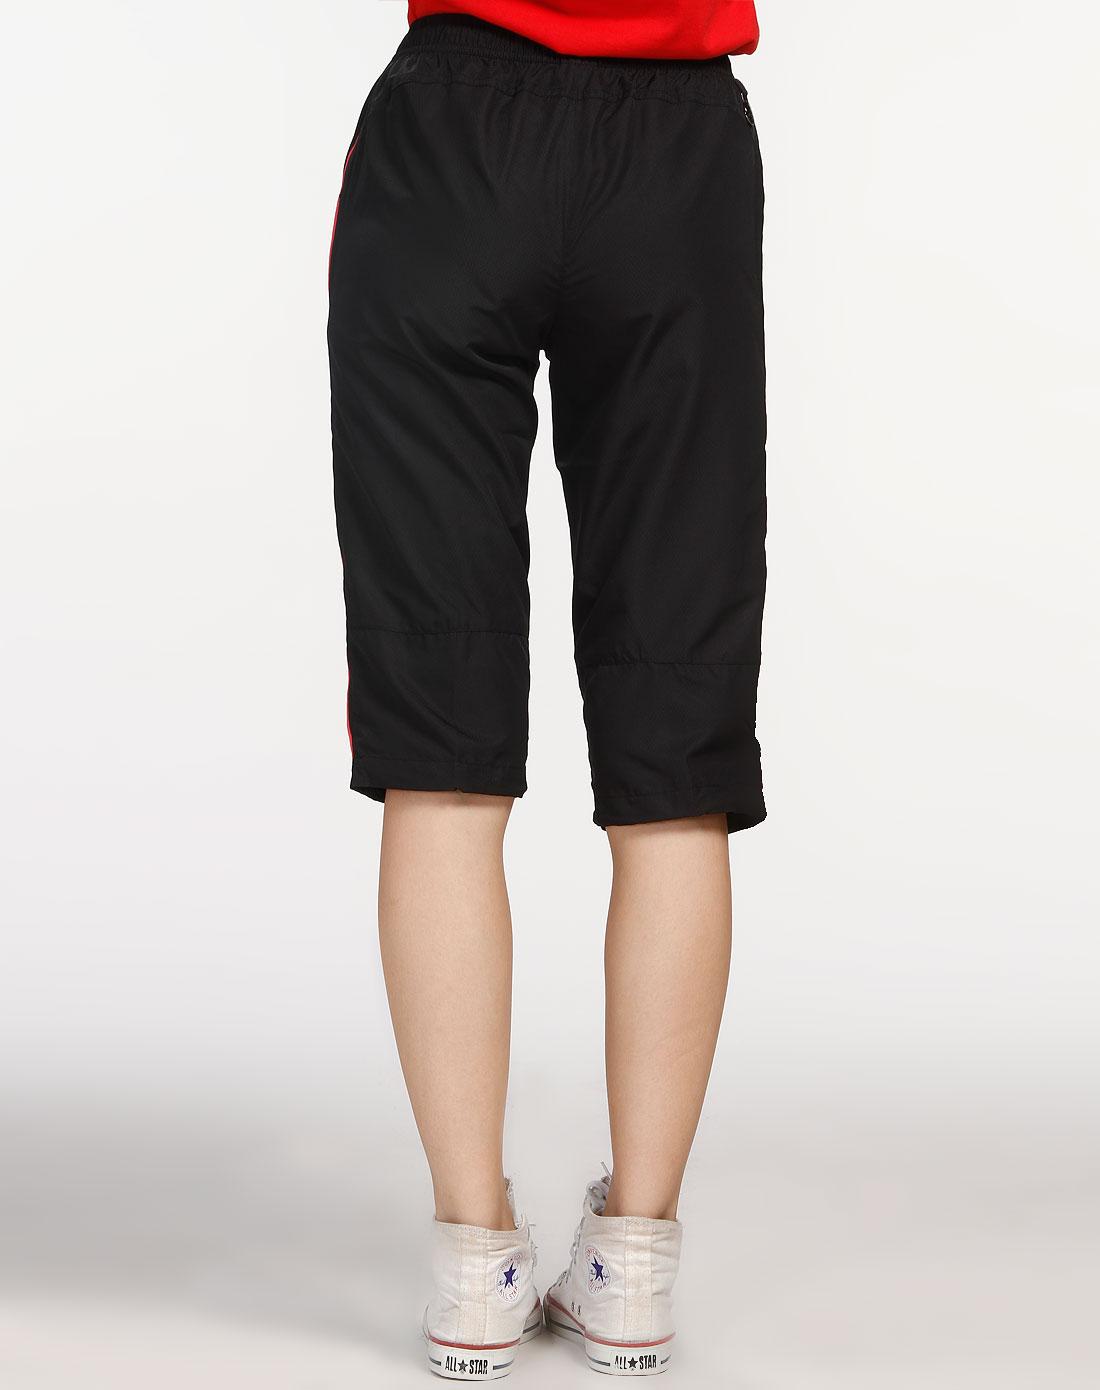 安踏anta女装专场-女款黑色/桃红色七分裤